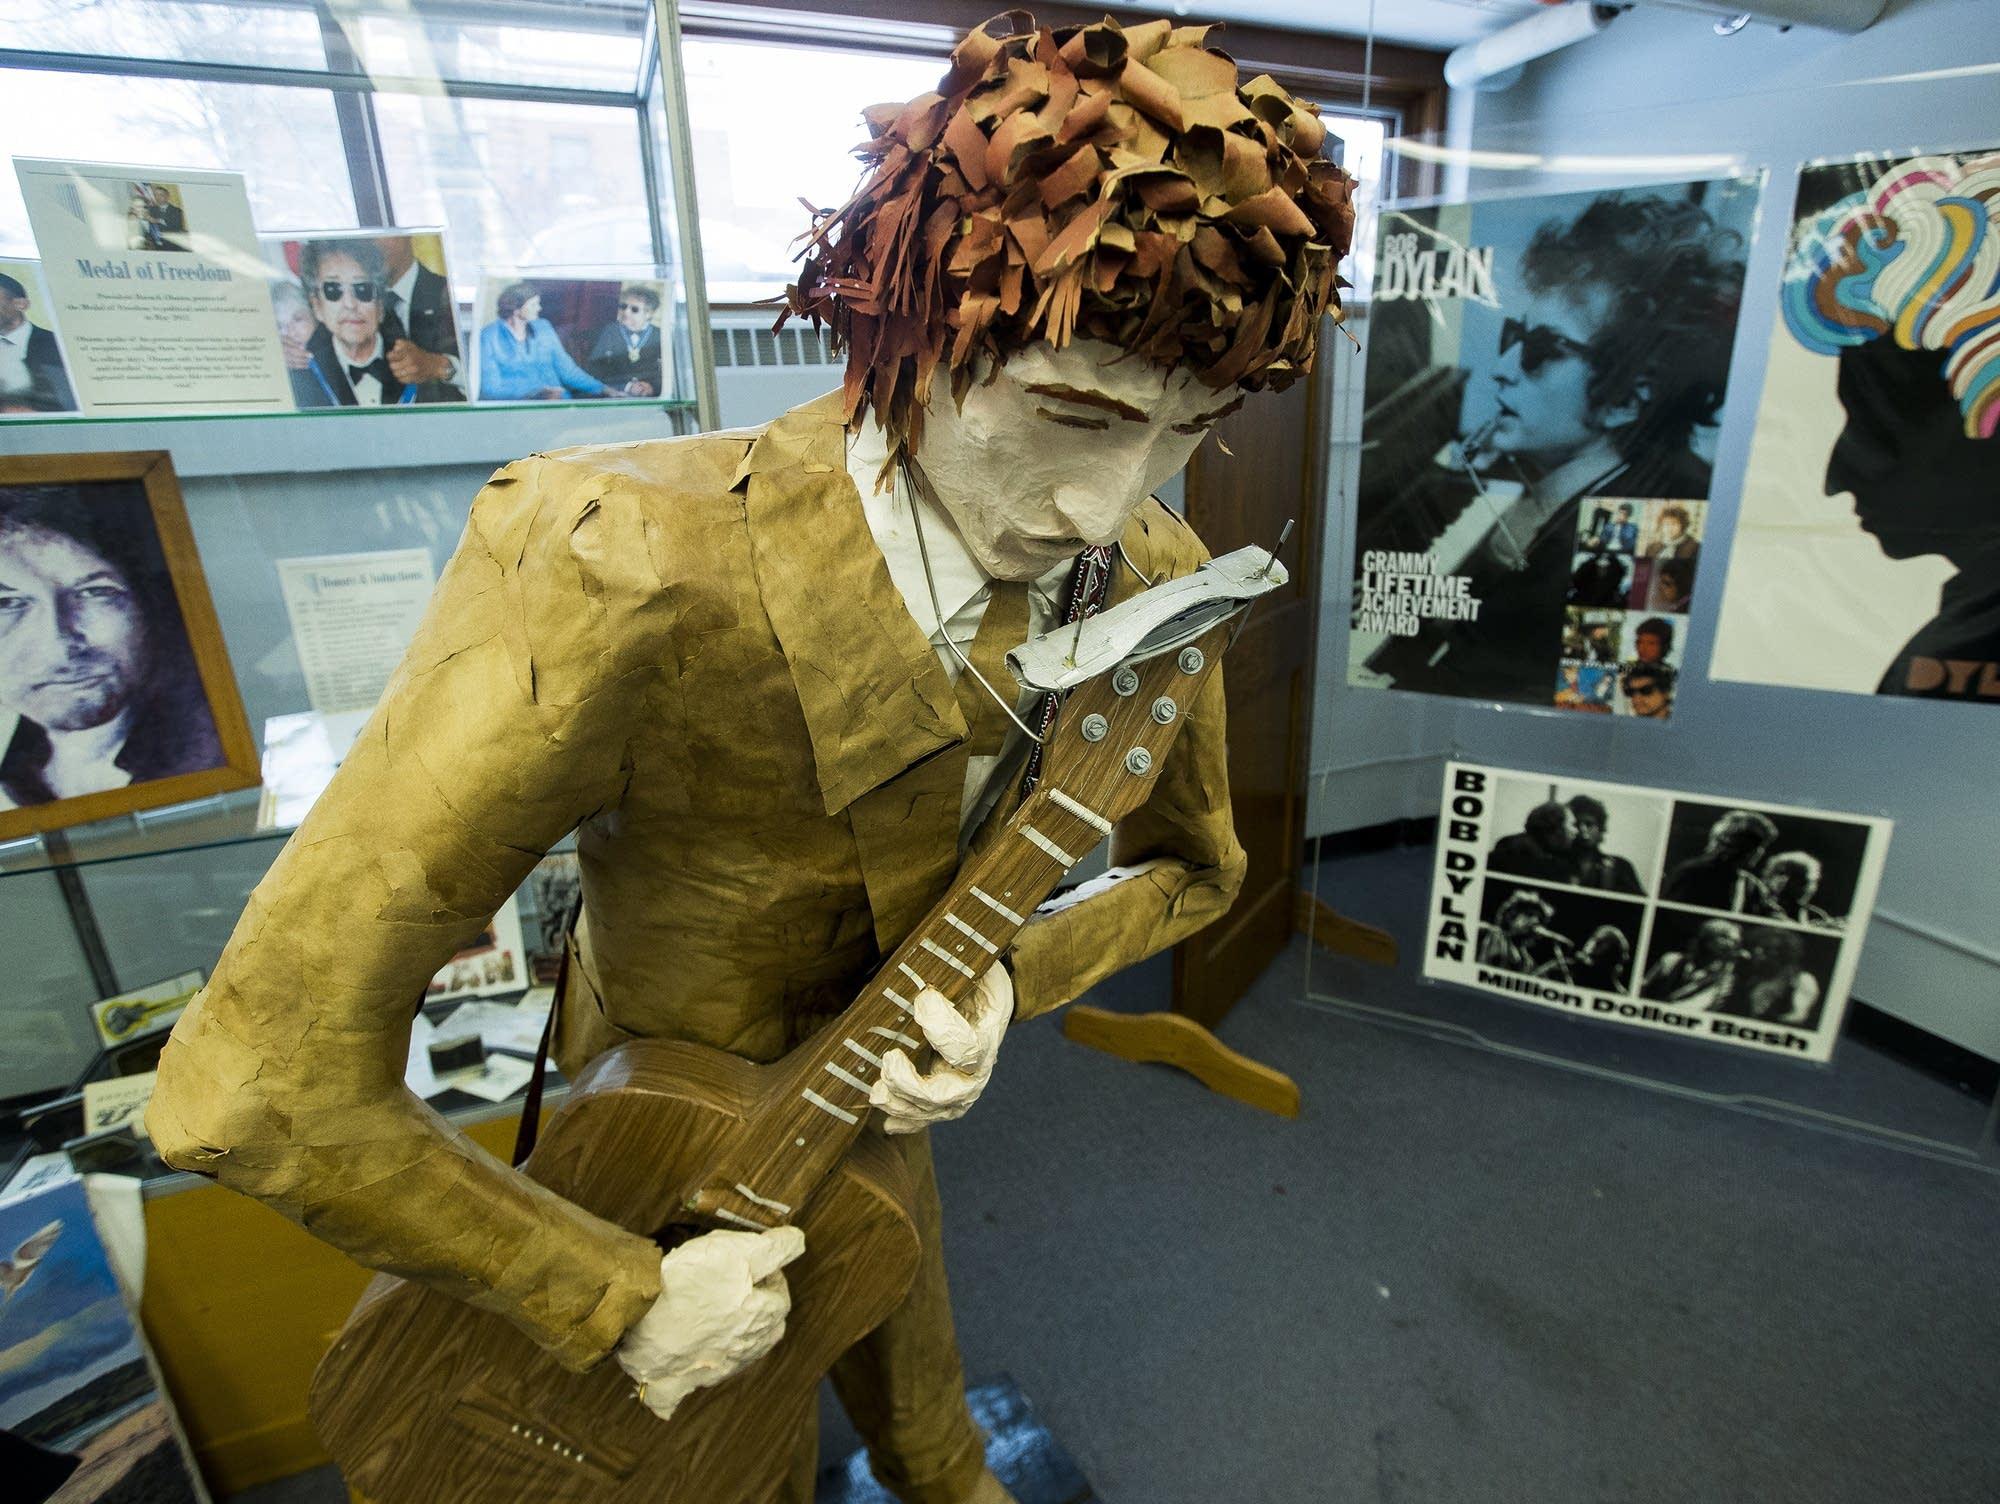 Paper mache Bob Dylan